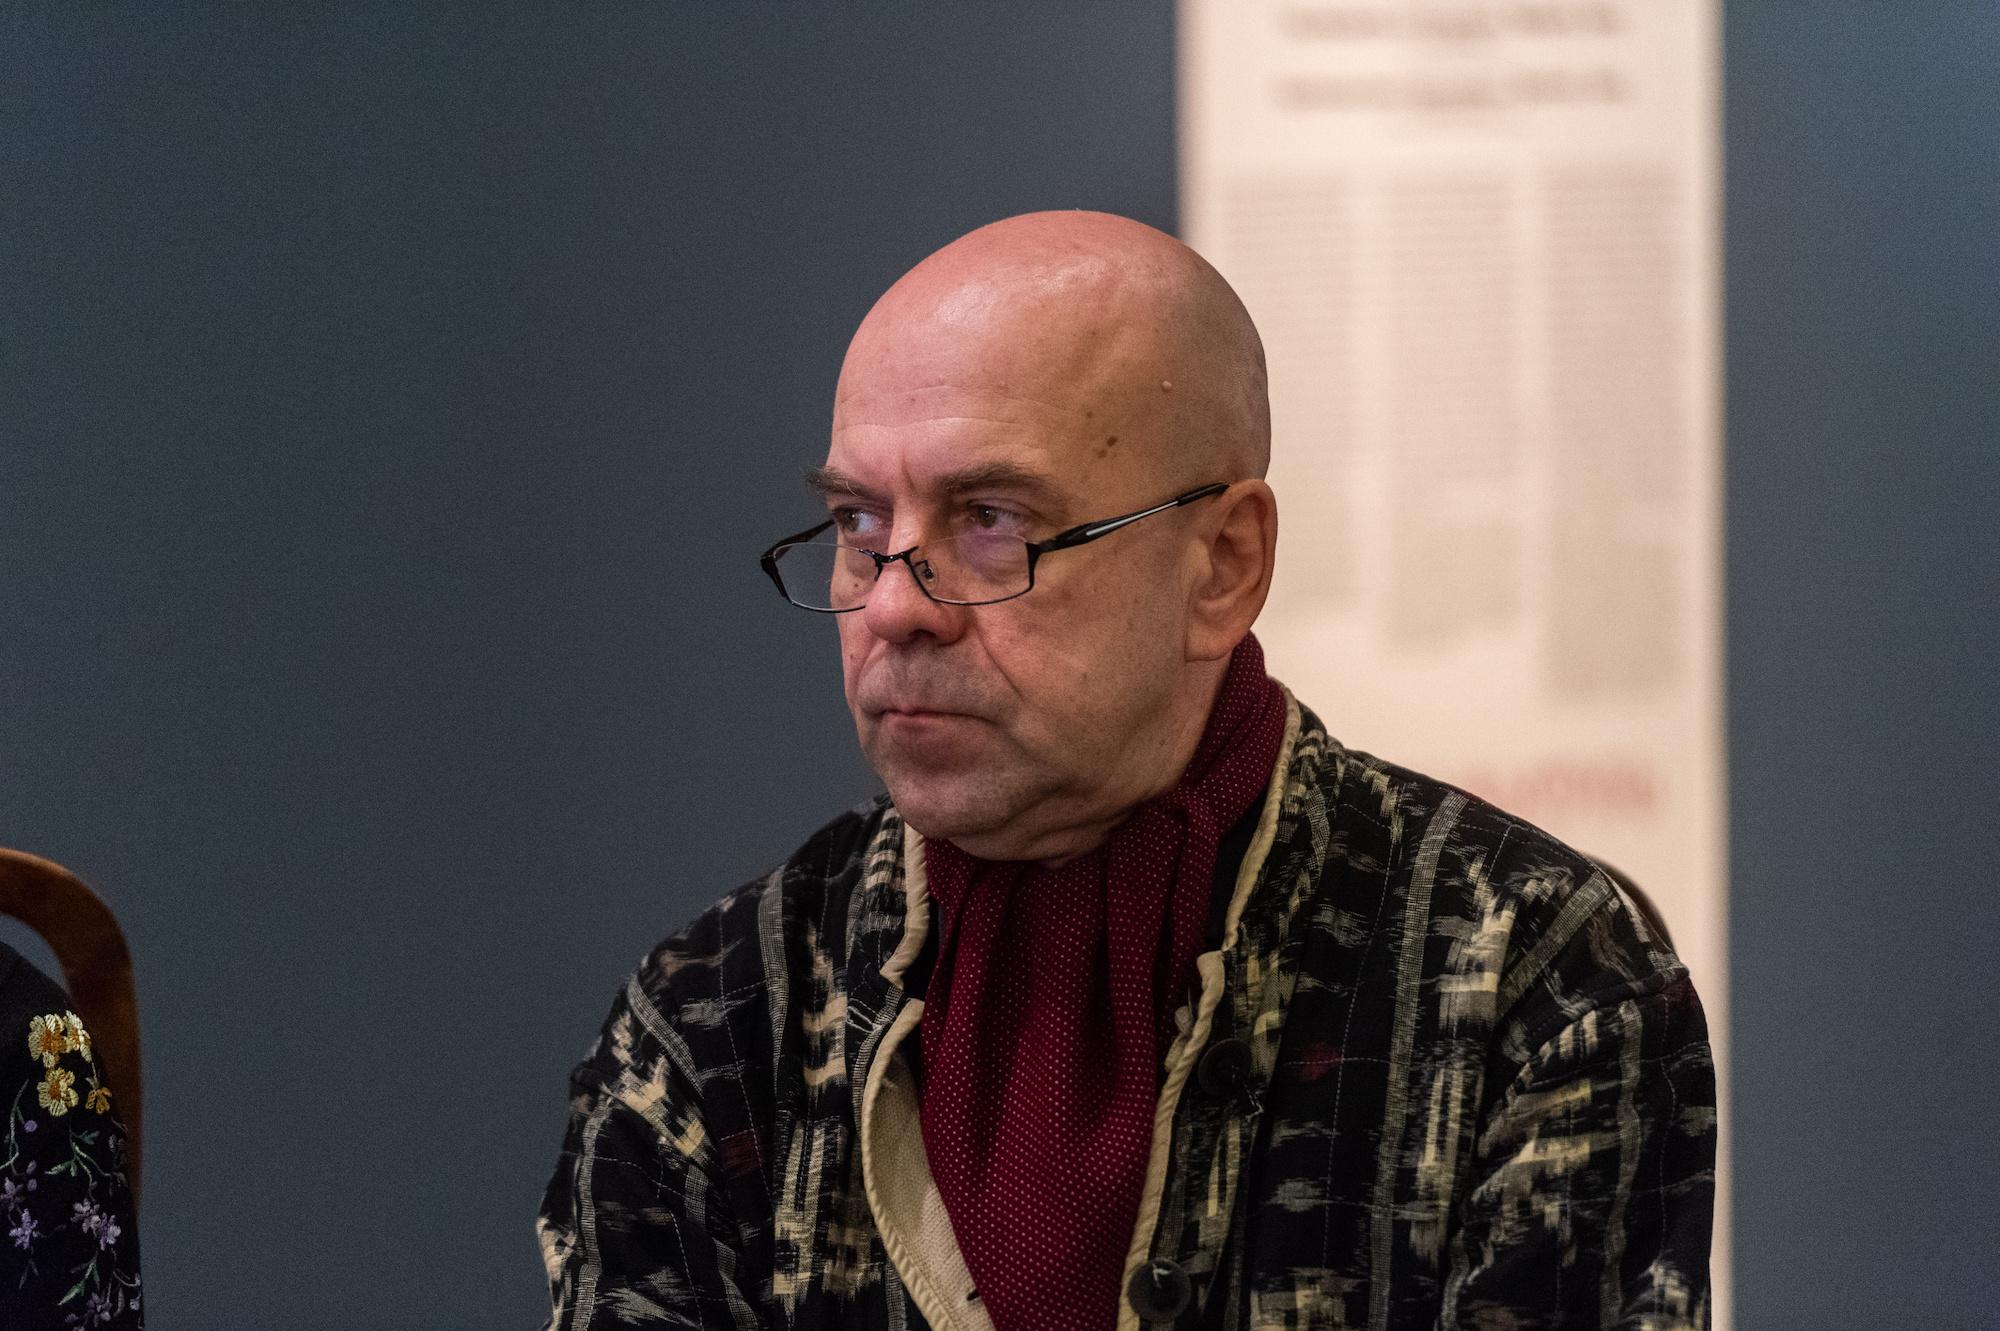 Kunstnik Peeter Laurits kinnitas, et sõimas Peeter Ernitsat natsiks